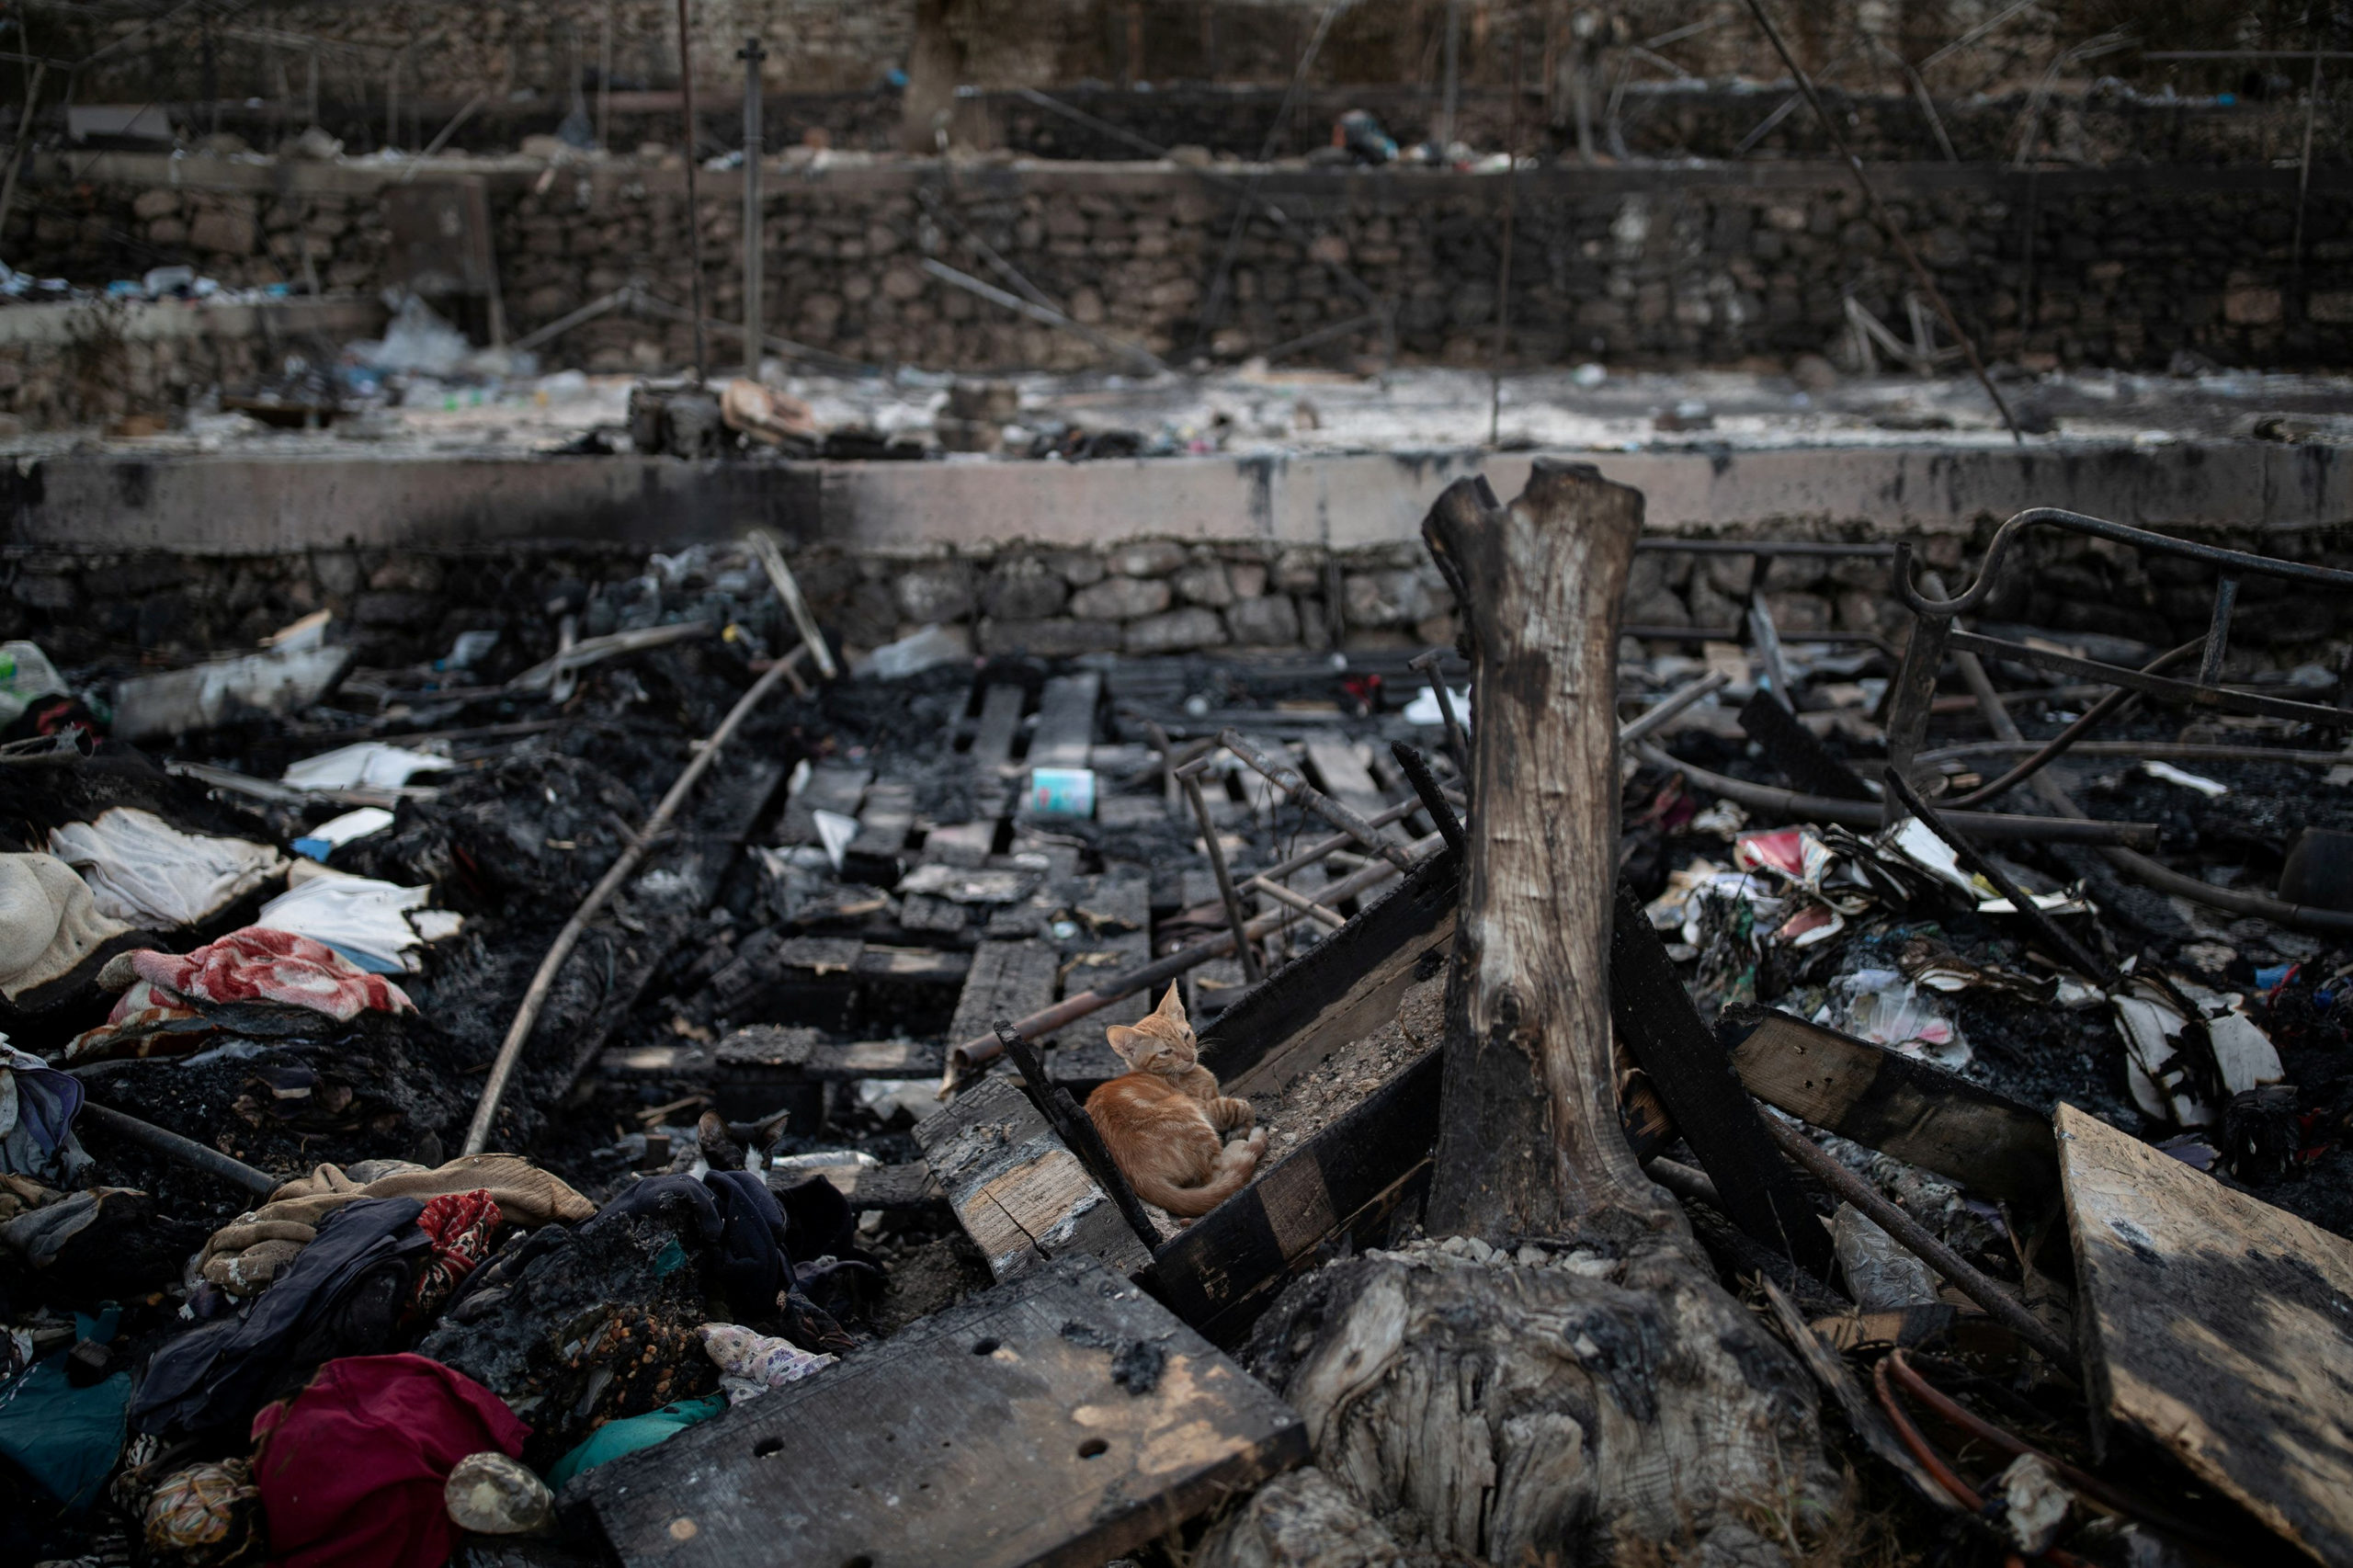 Grèce: Cinq migrants arrêtés après l'incendie d'un camp à Lesbos